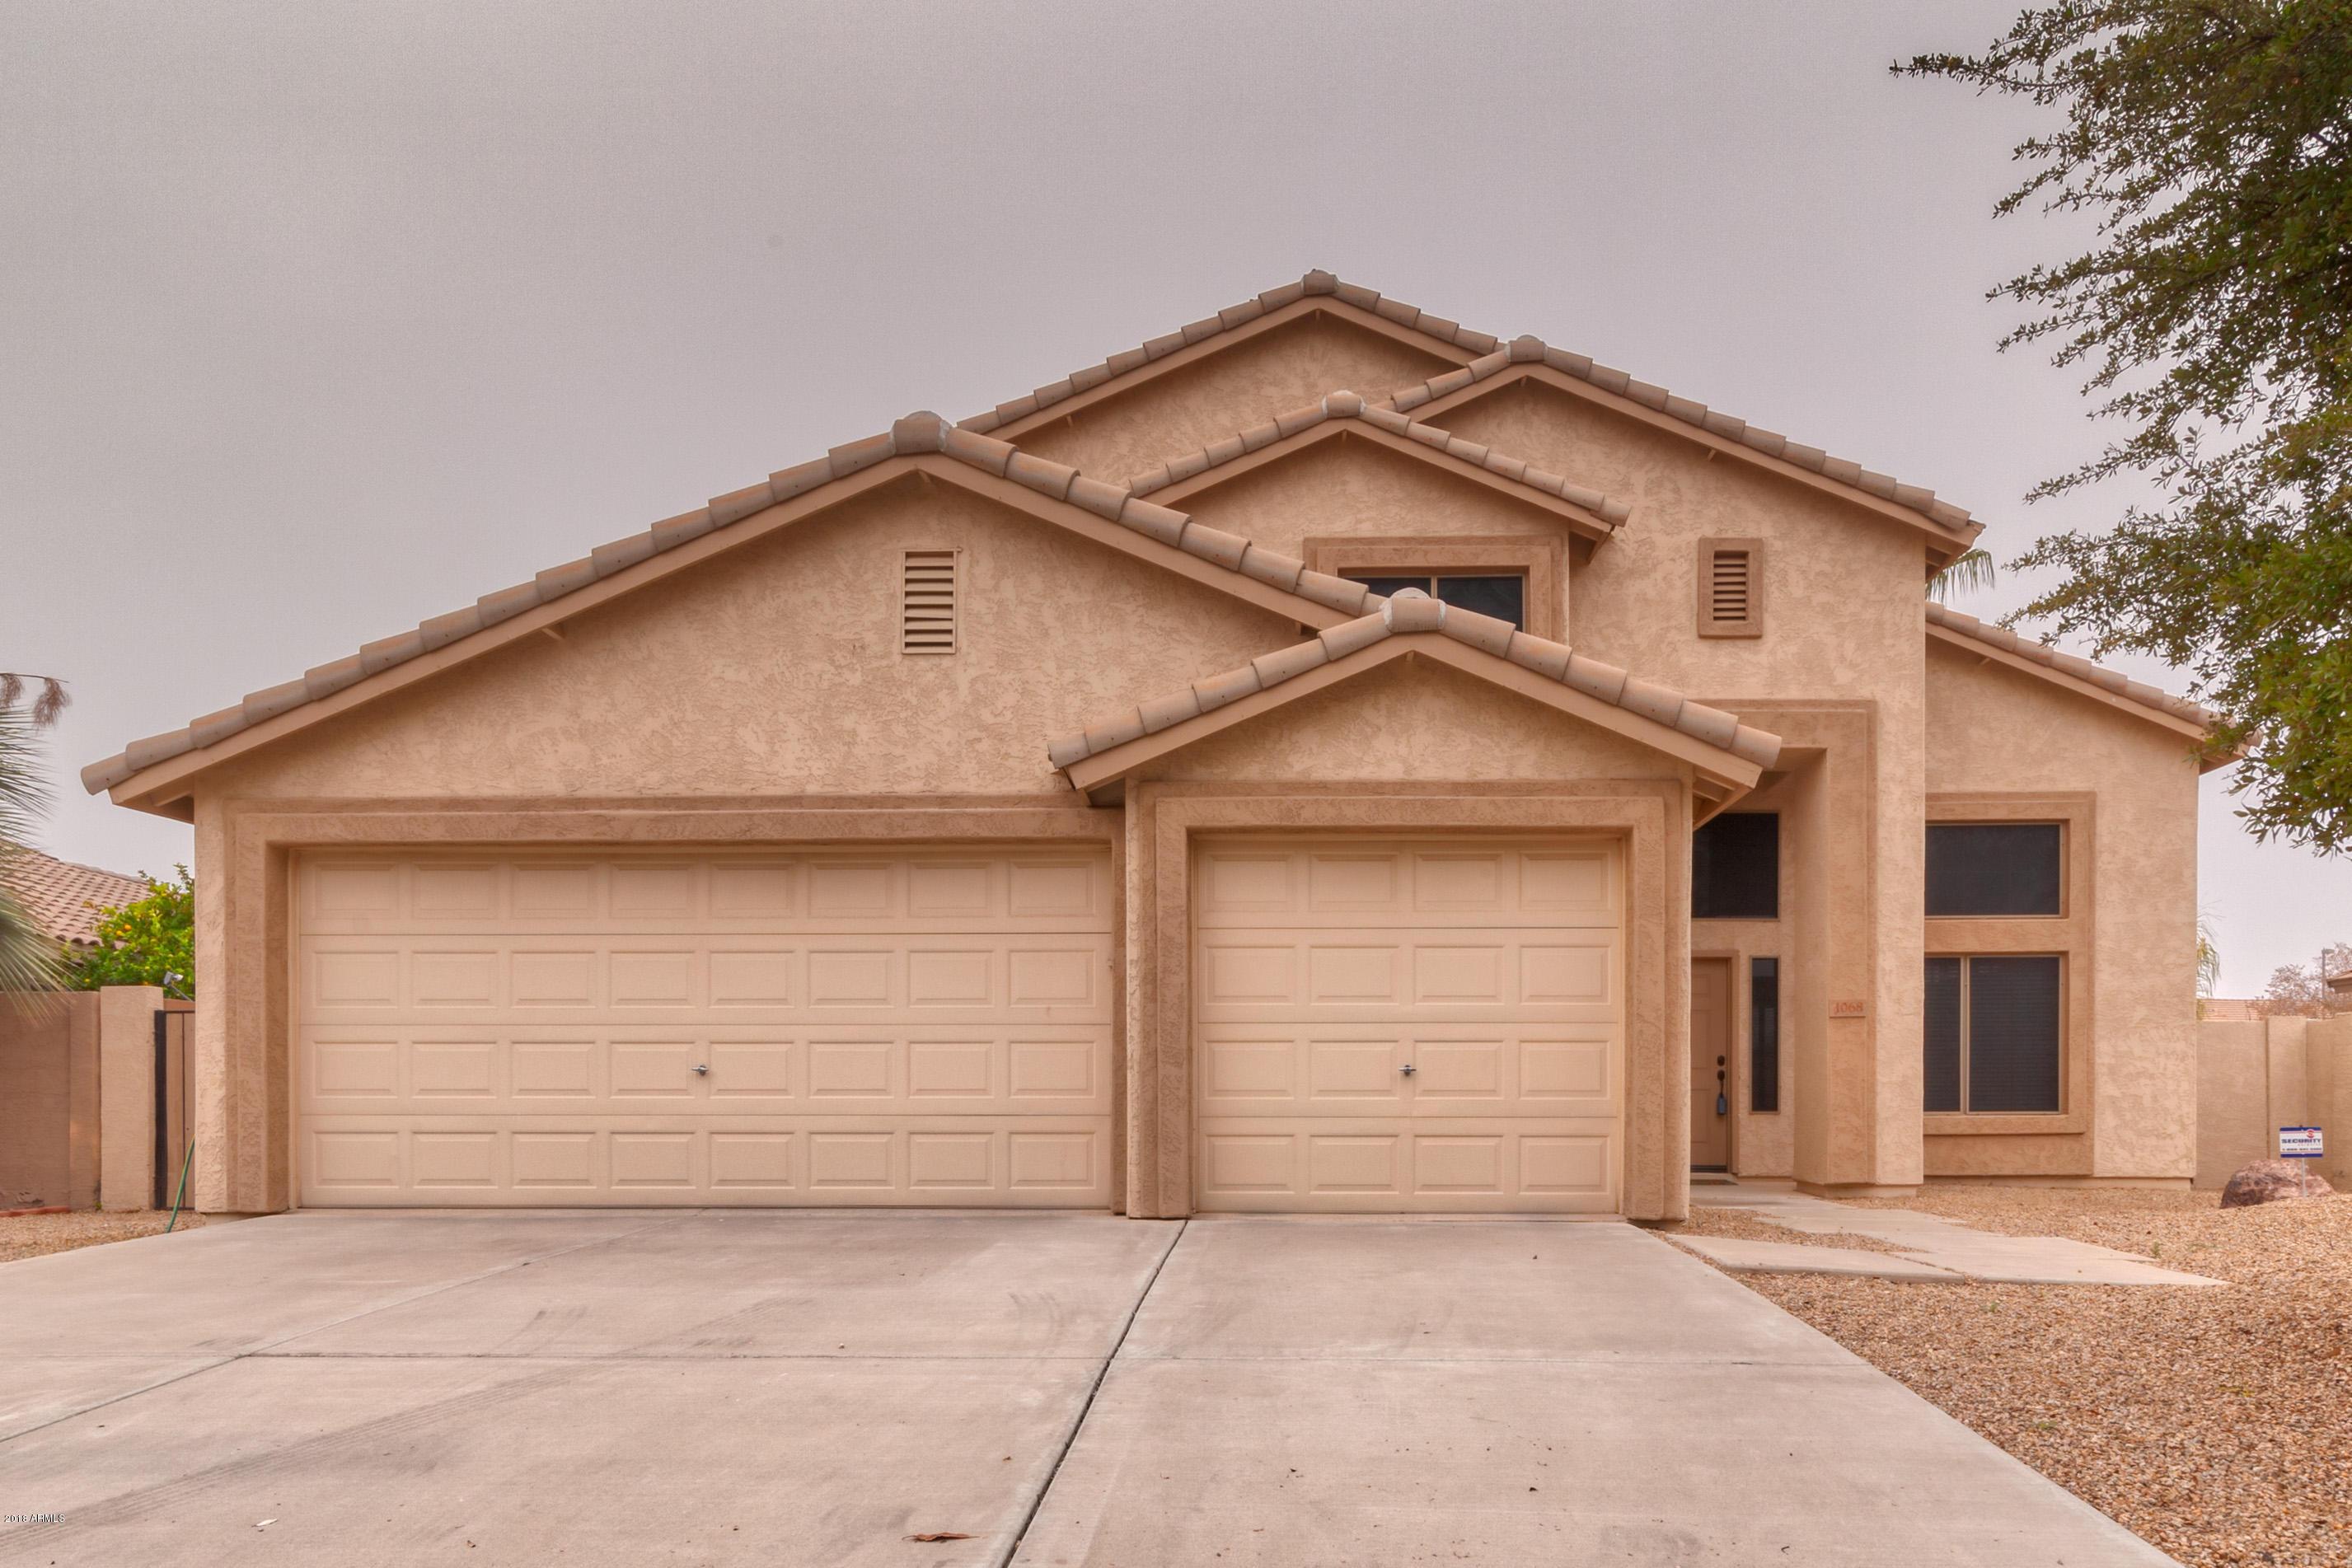 MLS 5855998 1068 S ROCA Street, Gilbert, AZ 85296 Gilbert AZ Neely Farms